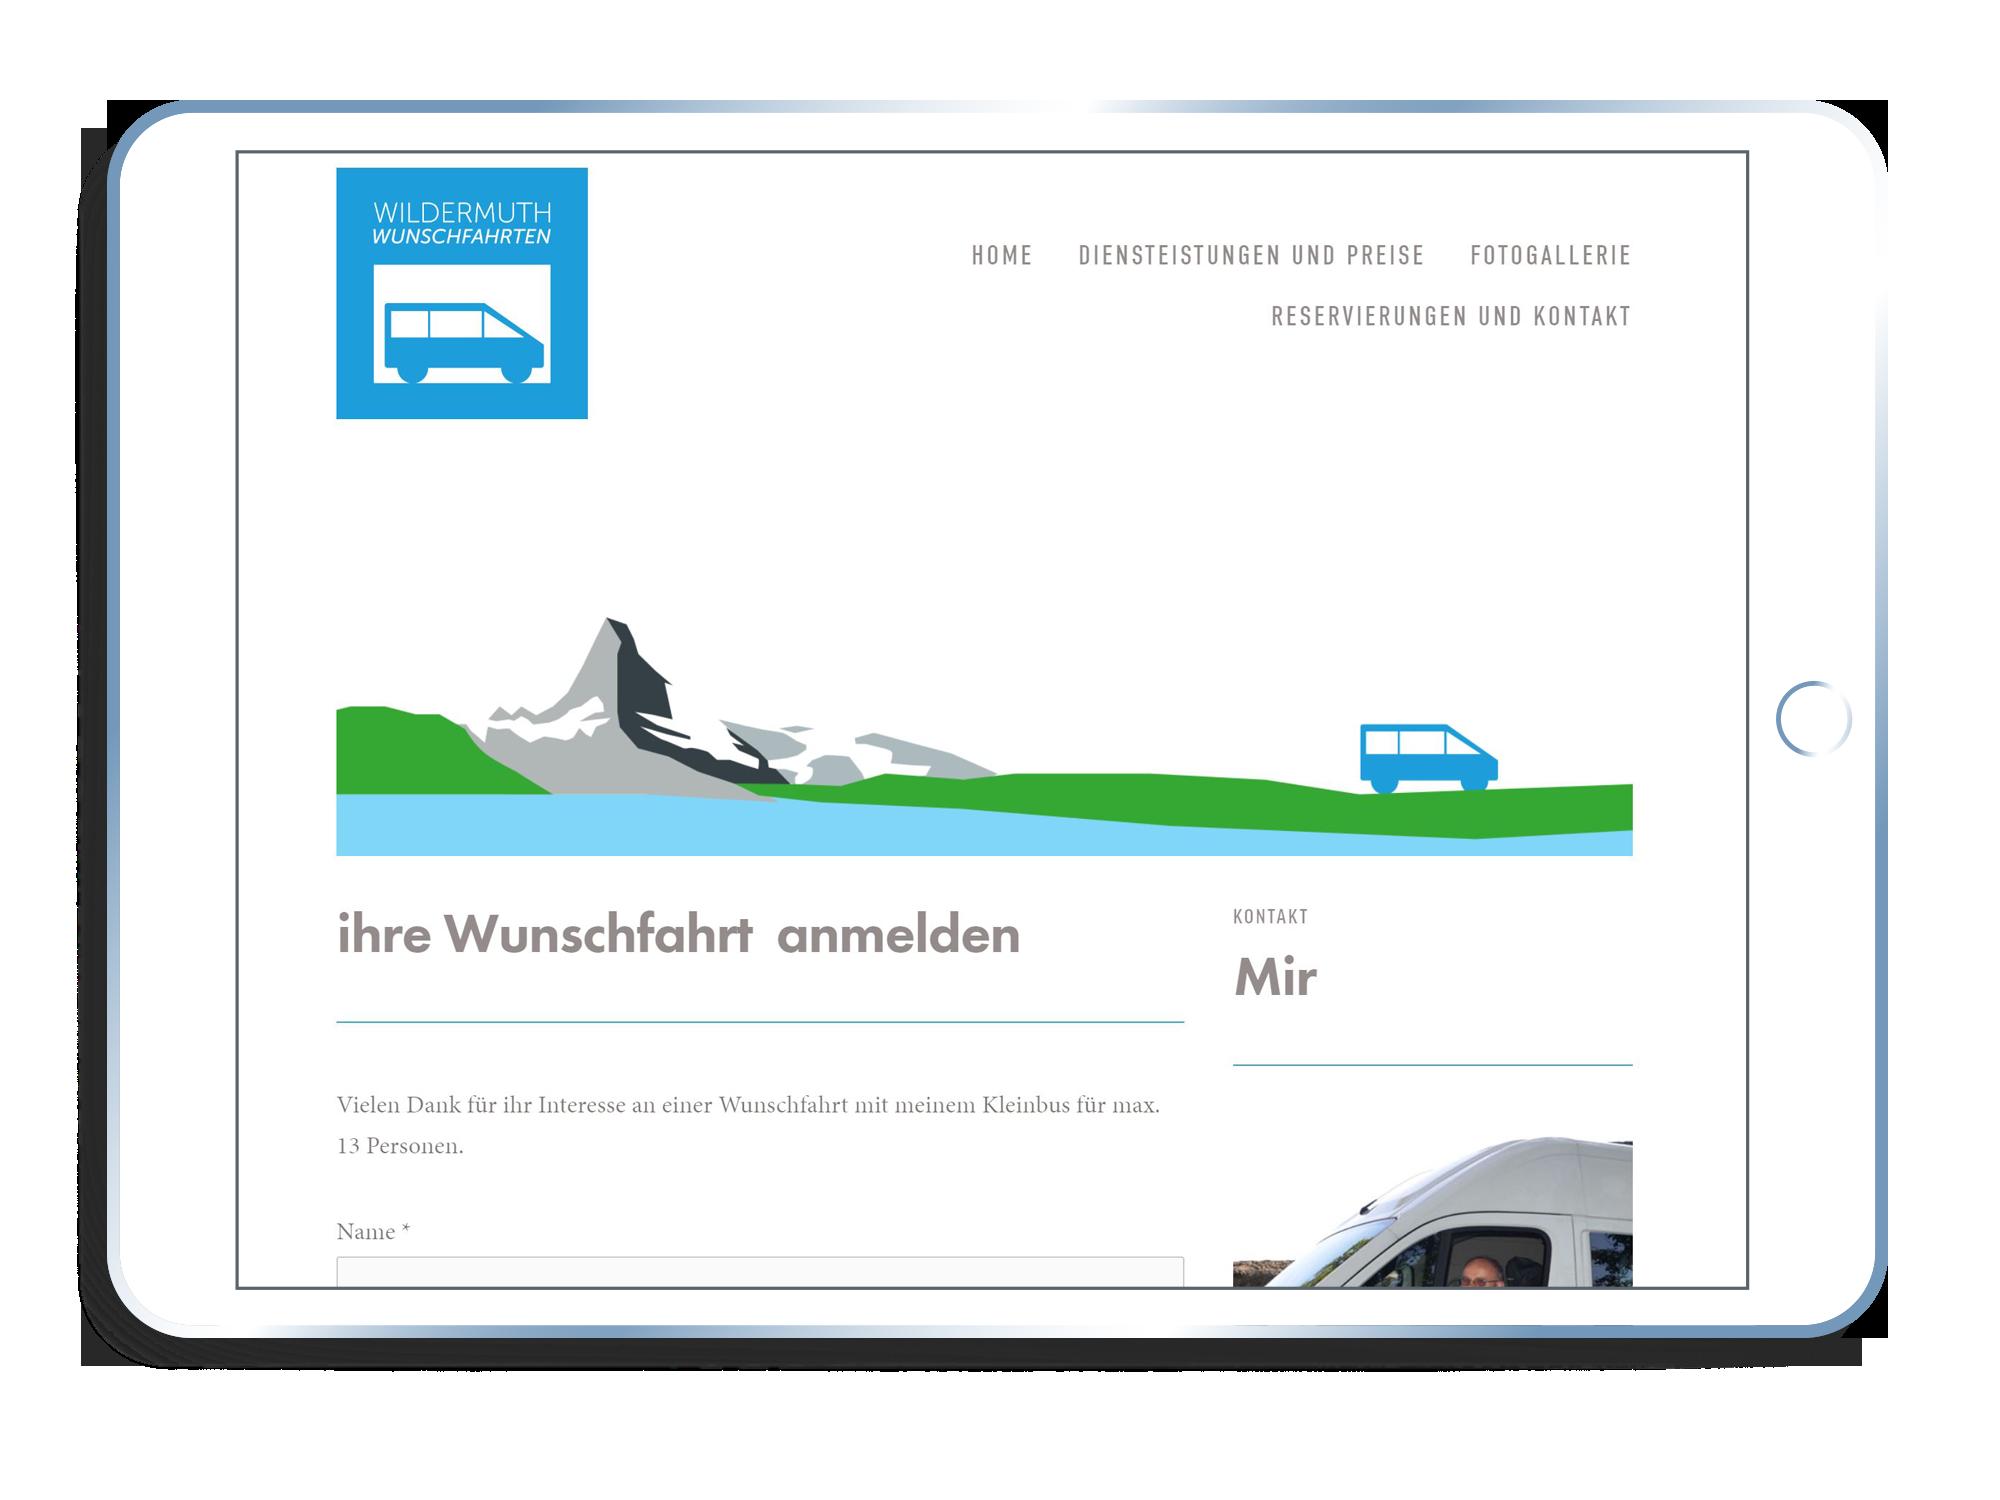 Wildermuth Wunschfahrten -